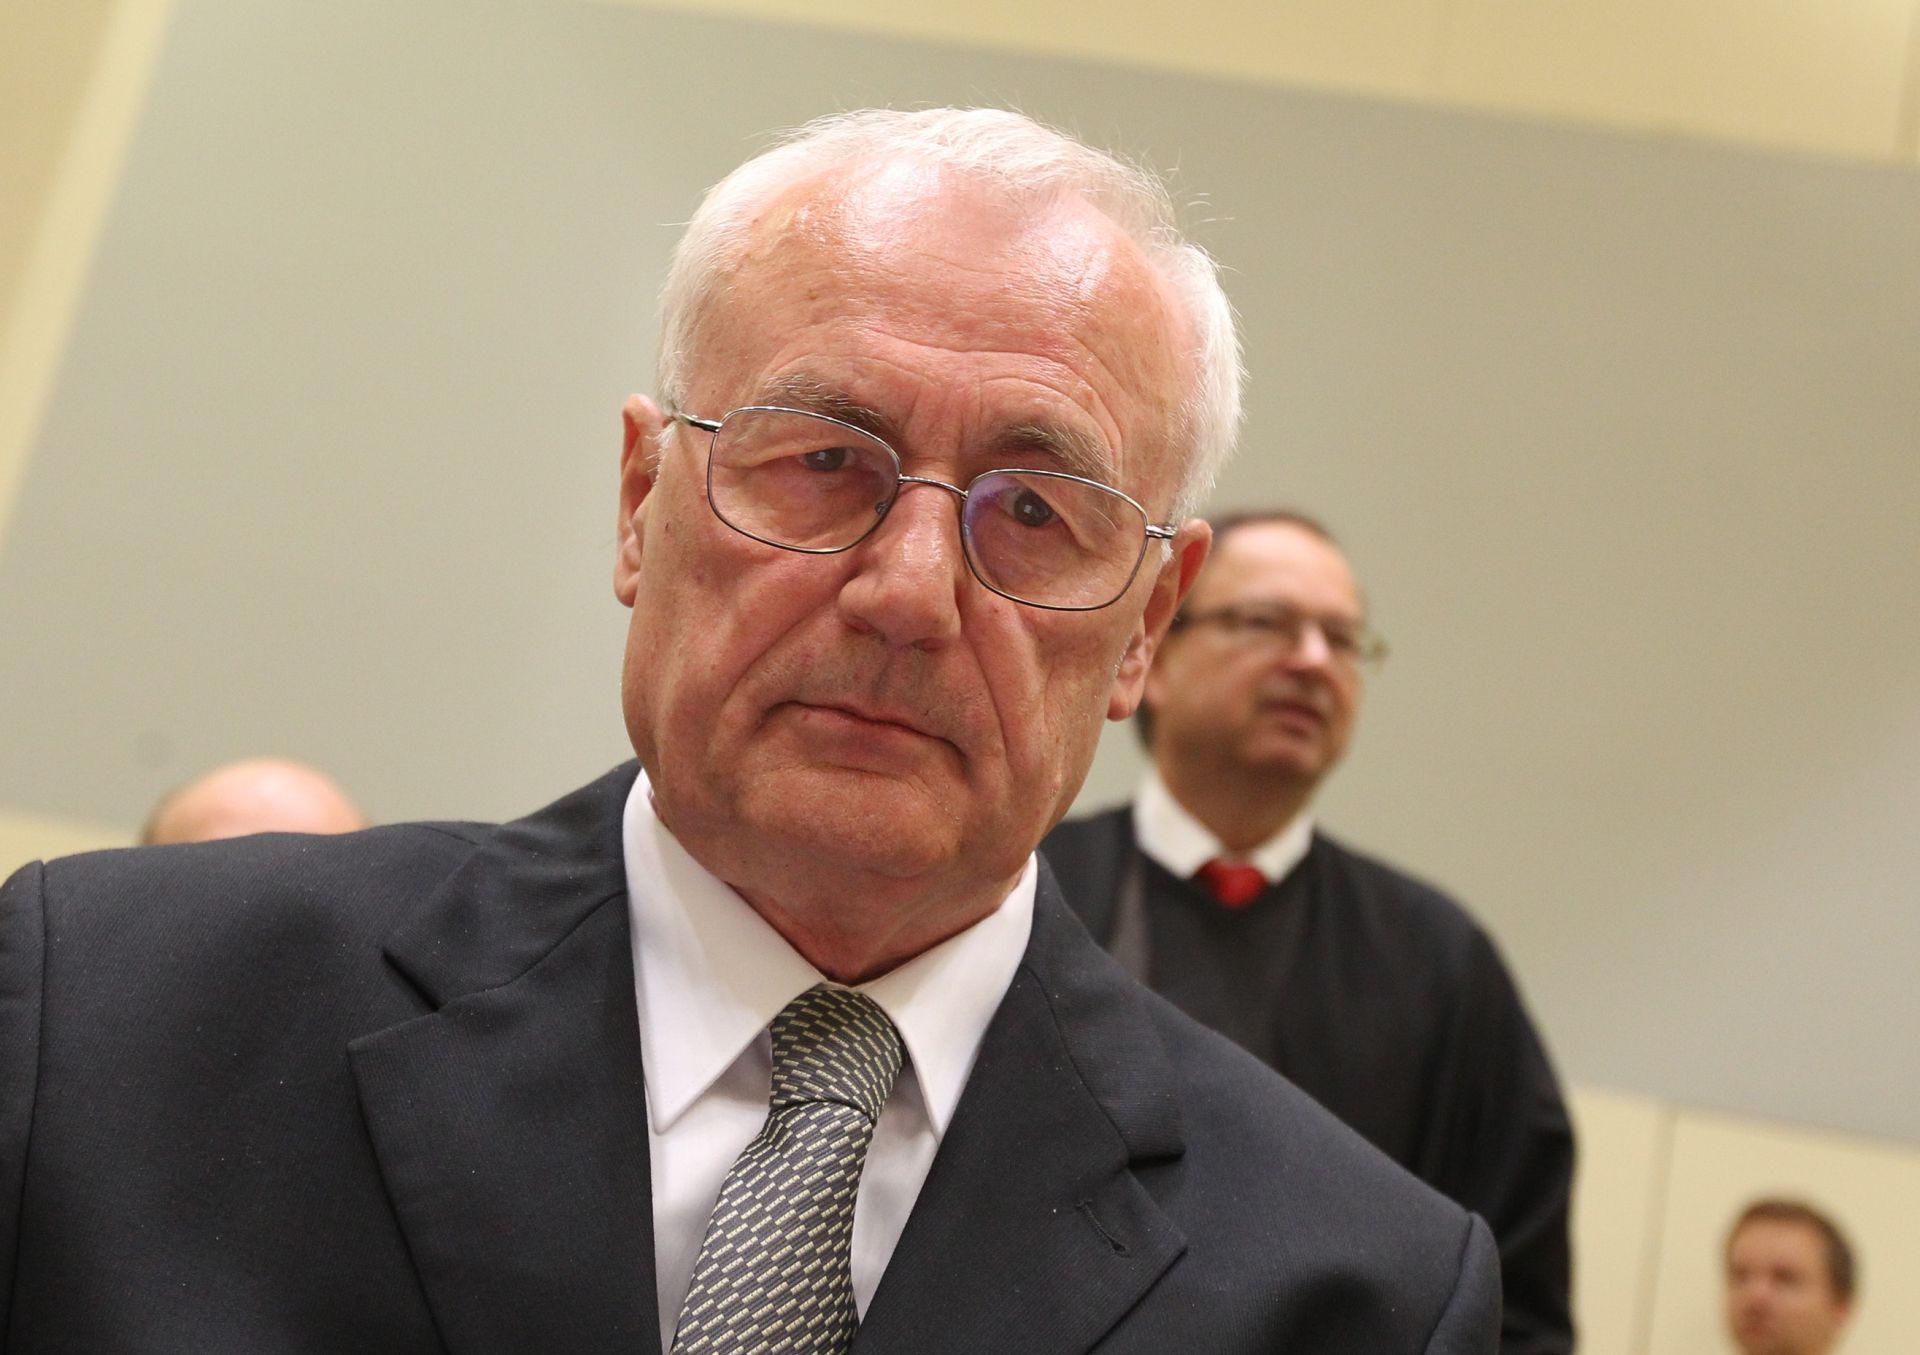 PRESUDA: HSP traži nastavak lustracije u Hrvatskoj